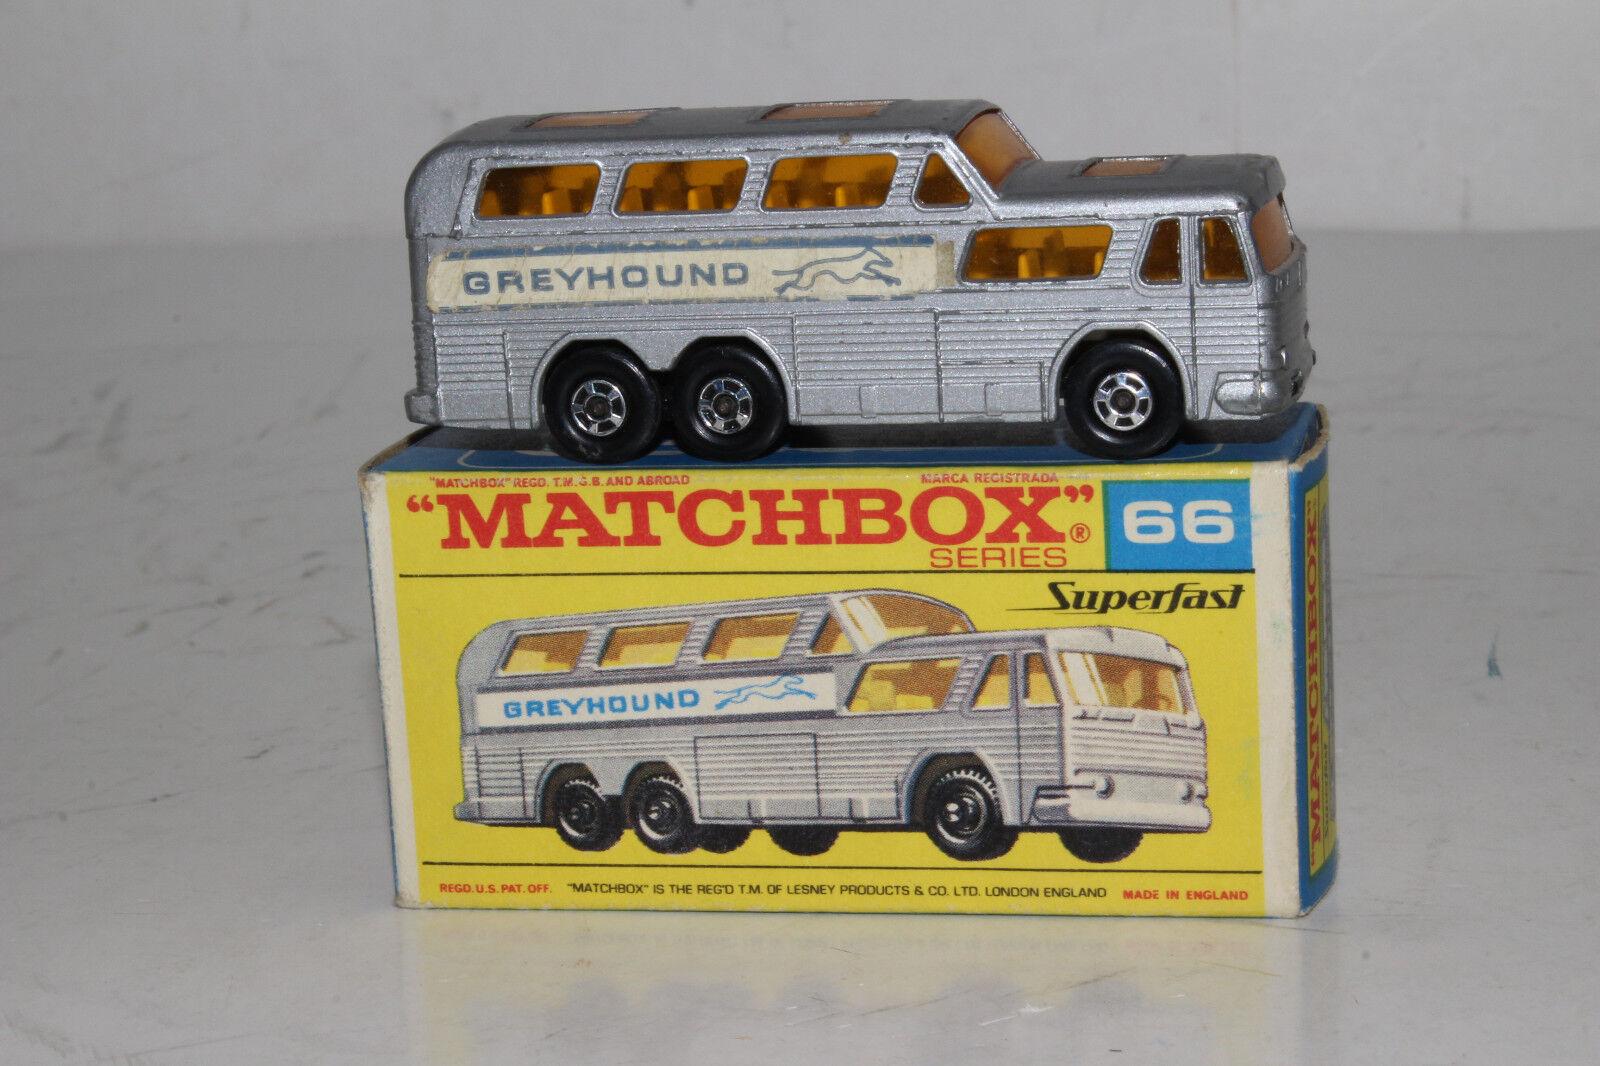 profitto zero Matchscatola Superfast  66 66 66 grigiohound autobus, Eccellente, in Scatola, Lotto A  all'ingrosso economico e di alta qualità